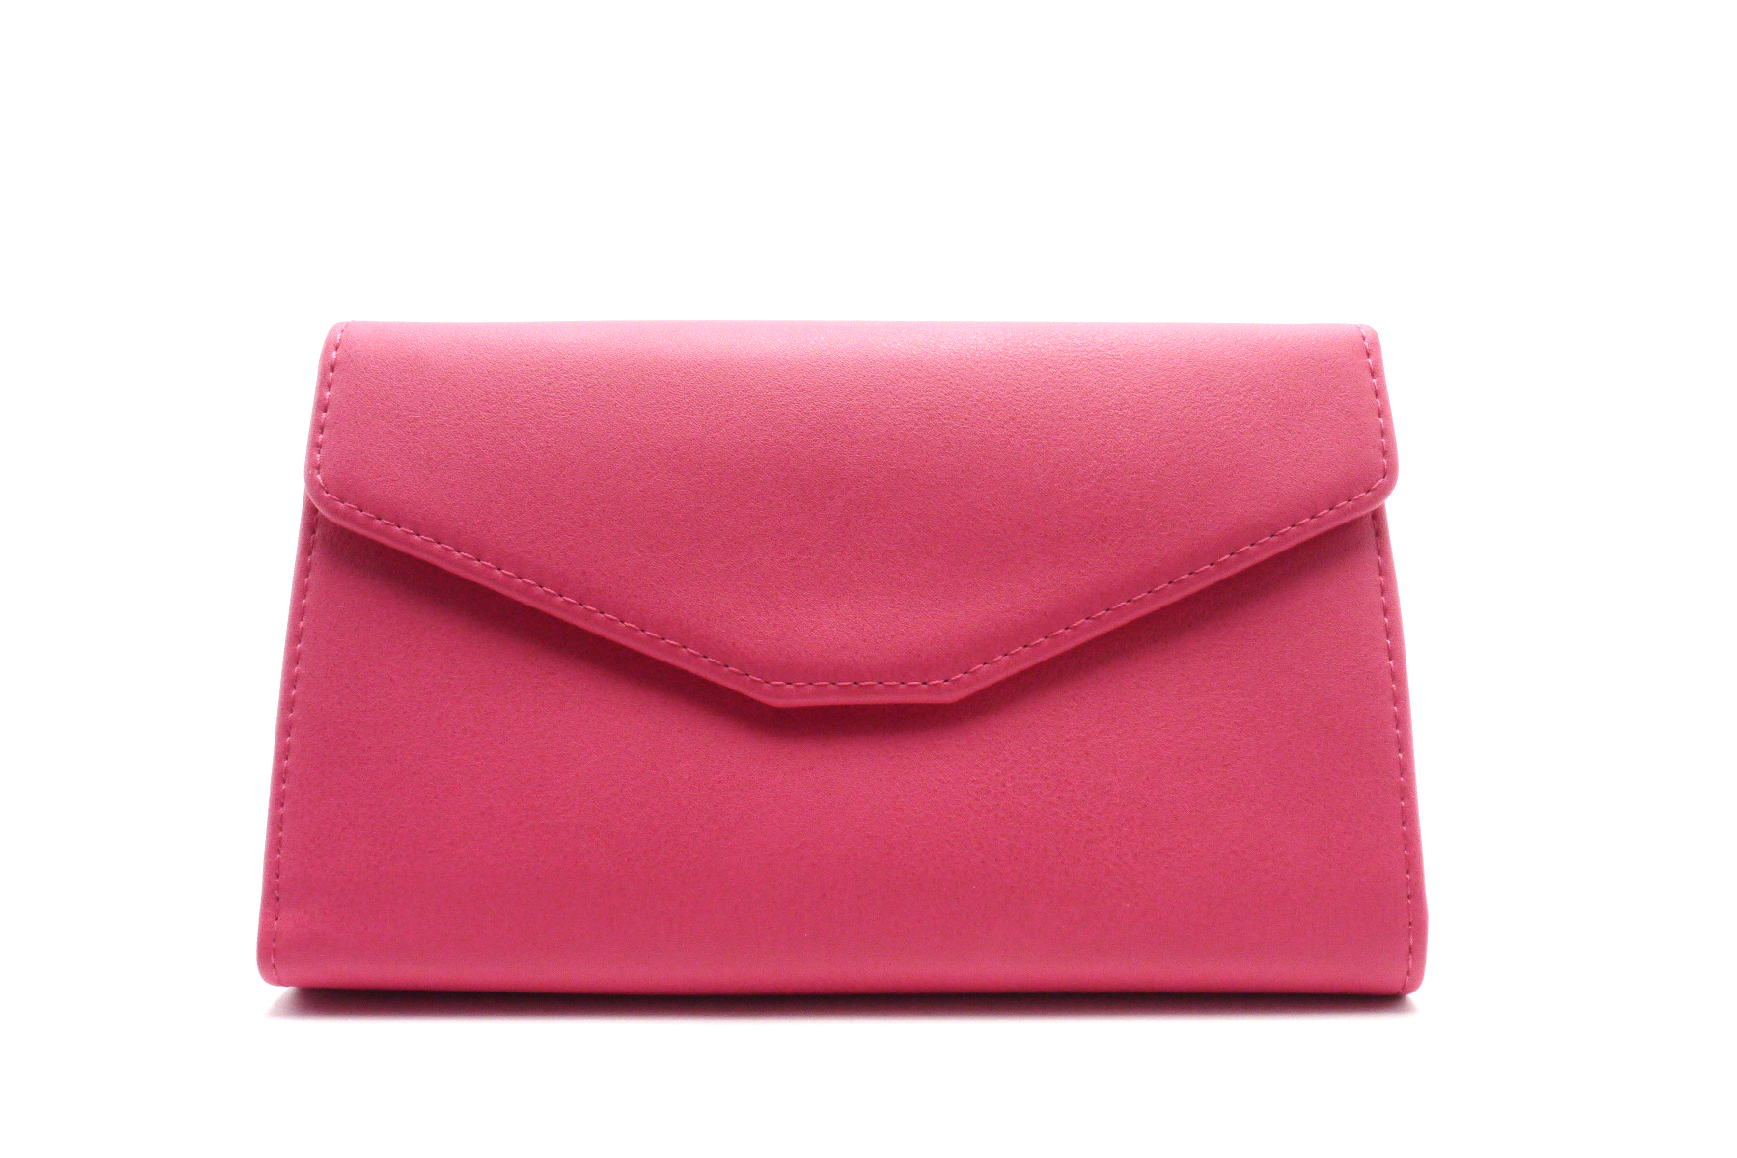 Móda Čapek Krásná kabelka v kombinaci s peněženkou MCPKNN93